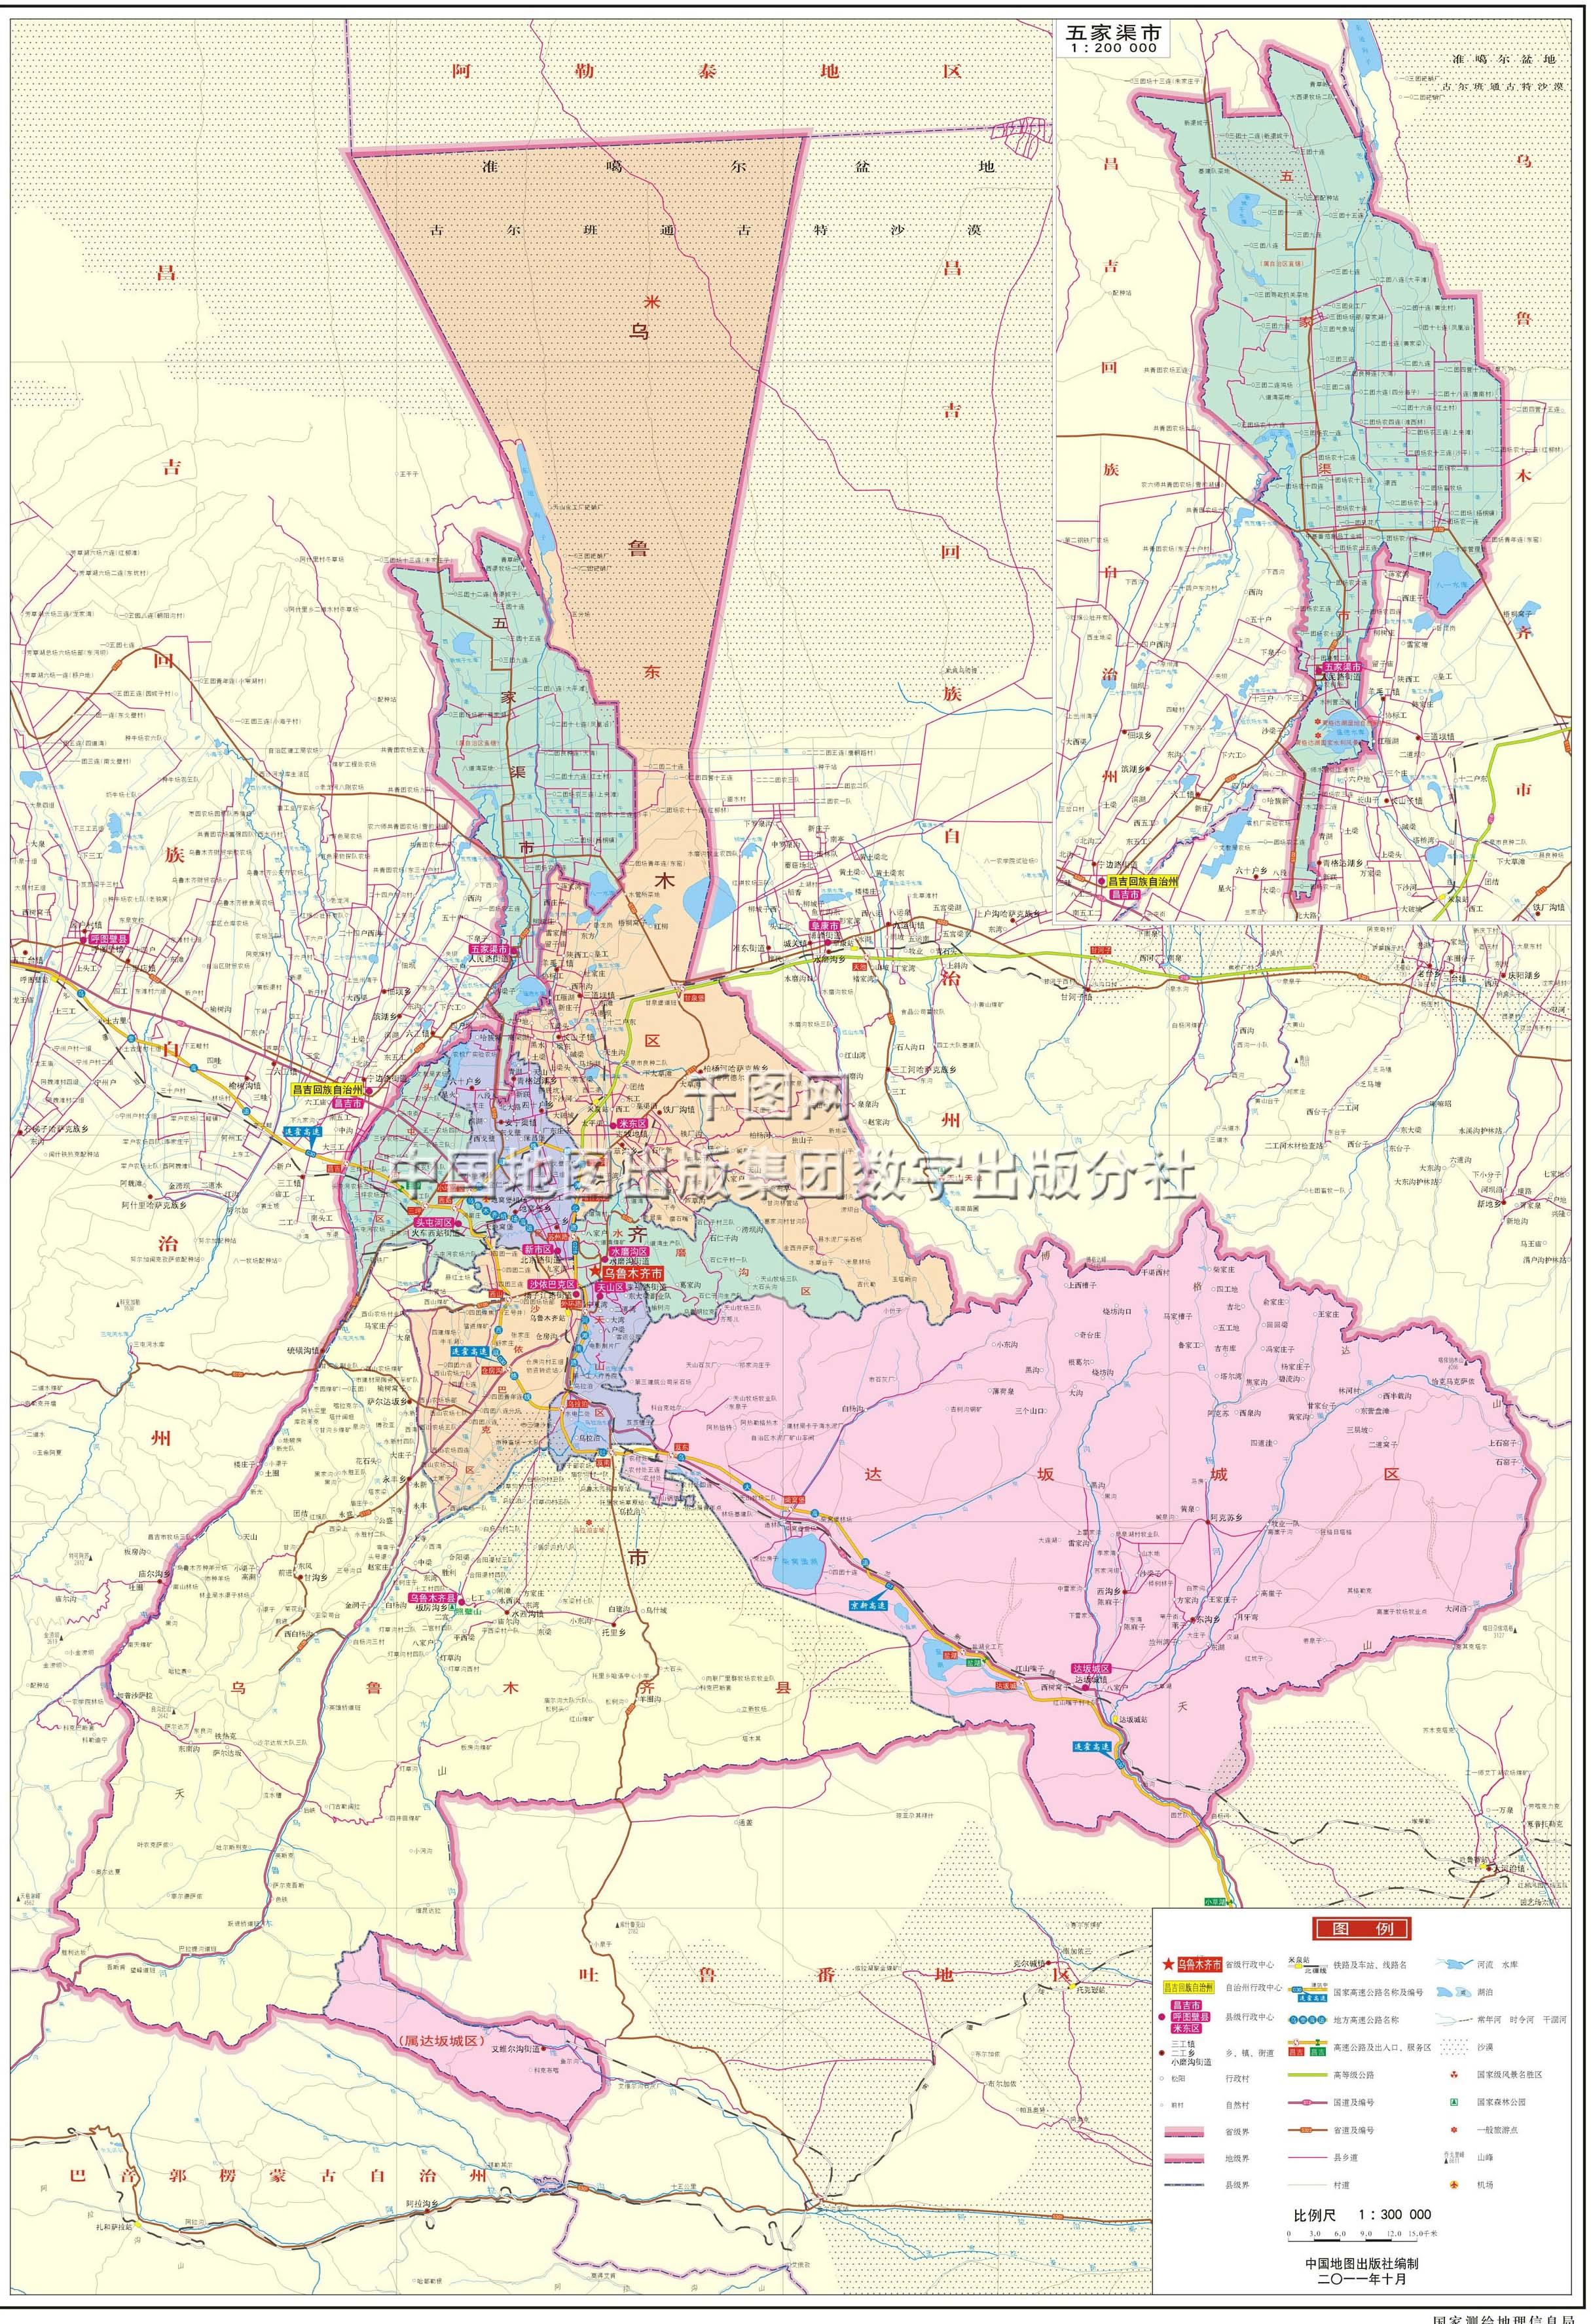 乌鲁木齐市地图高清版